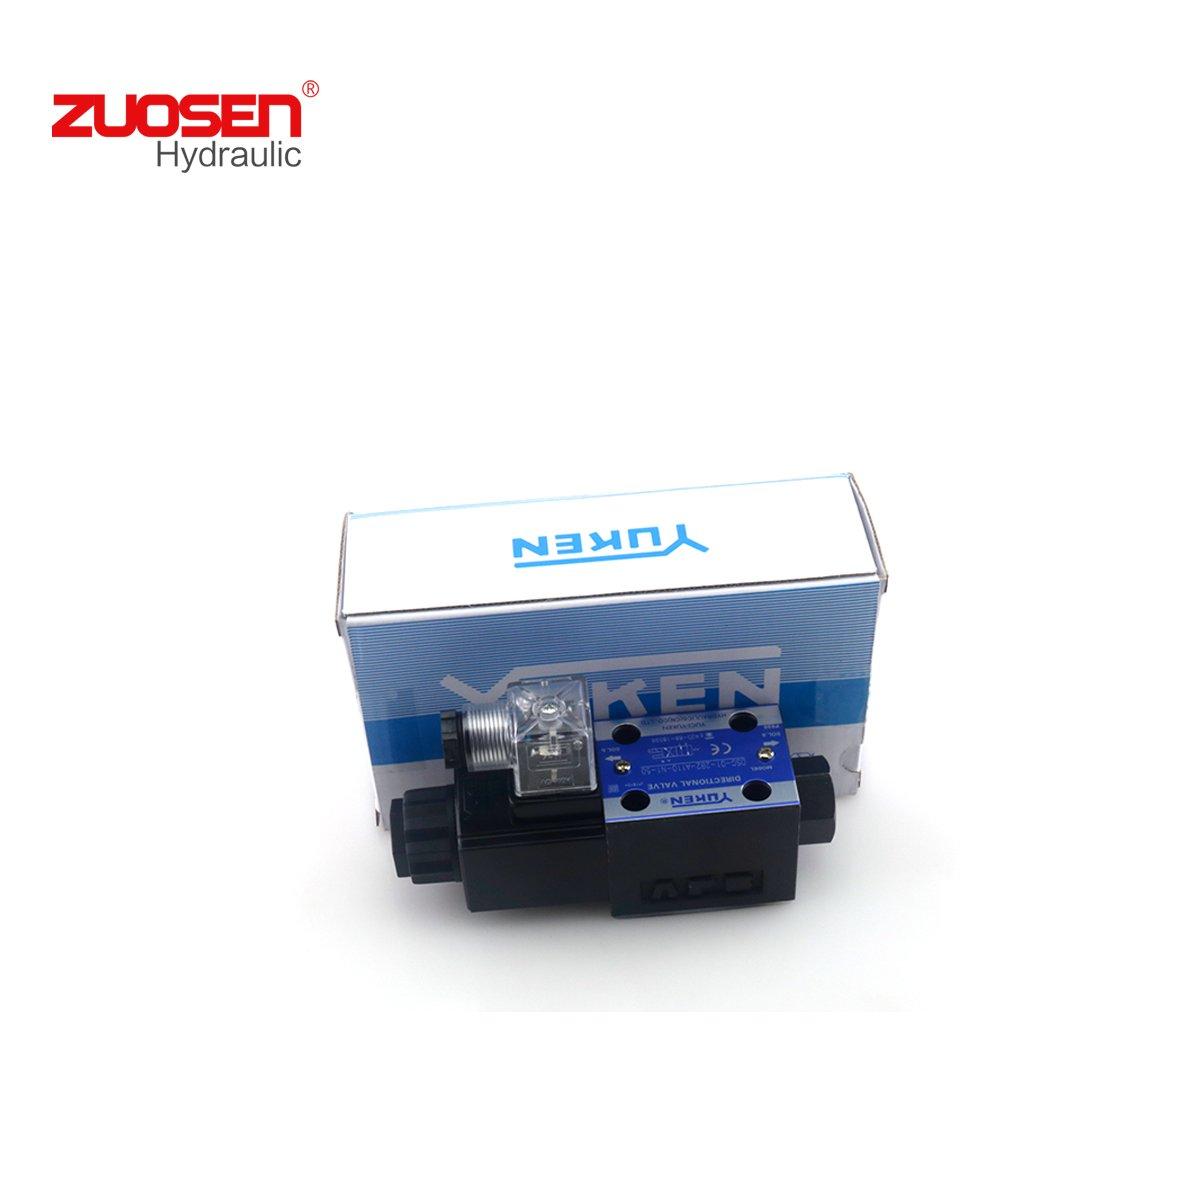 Yuken DSG-01-2B2-A110-N1-70 Hydraulic Valves